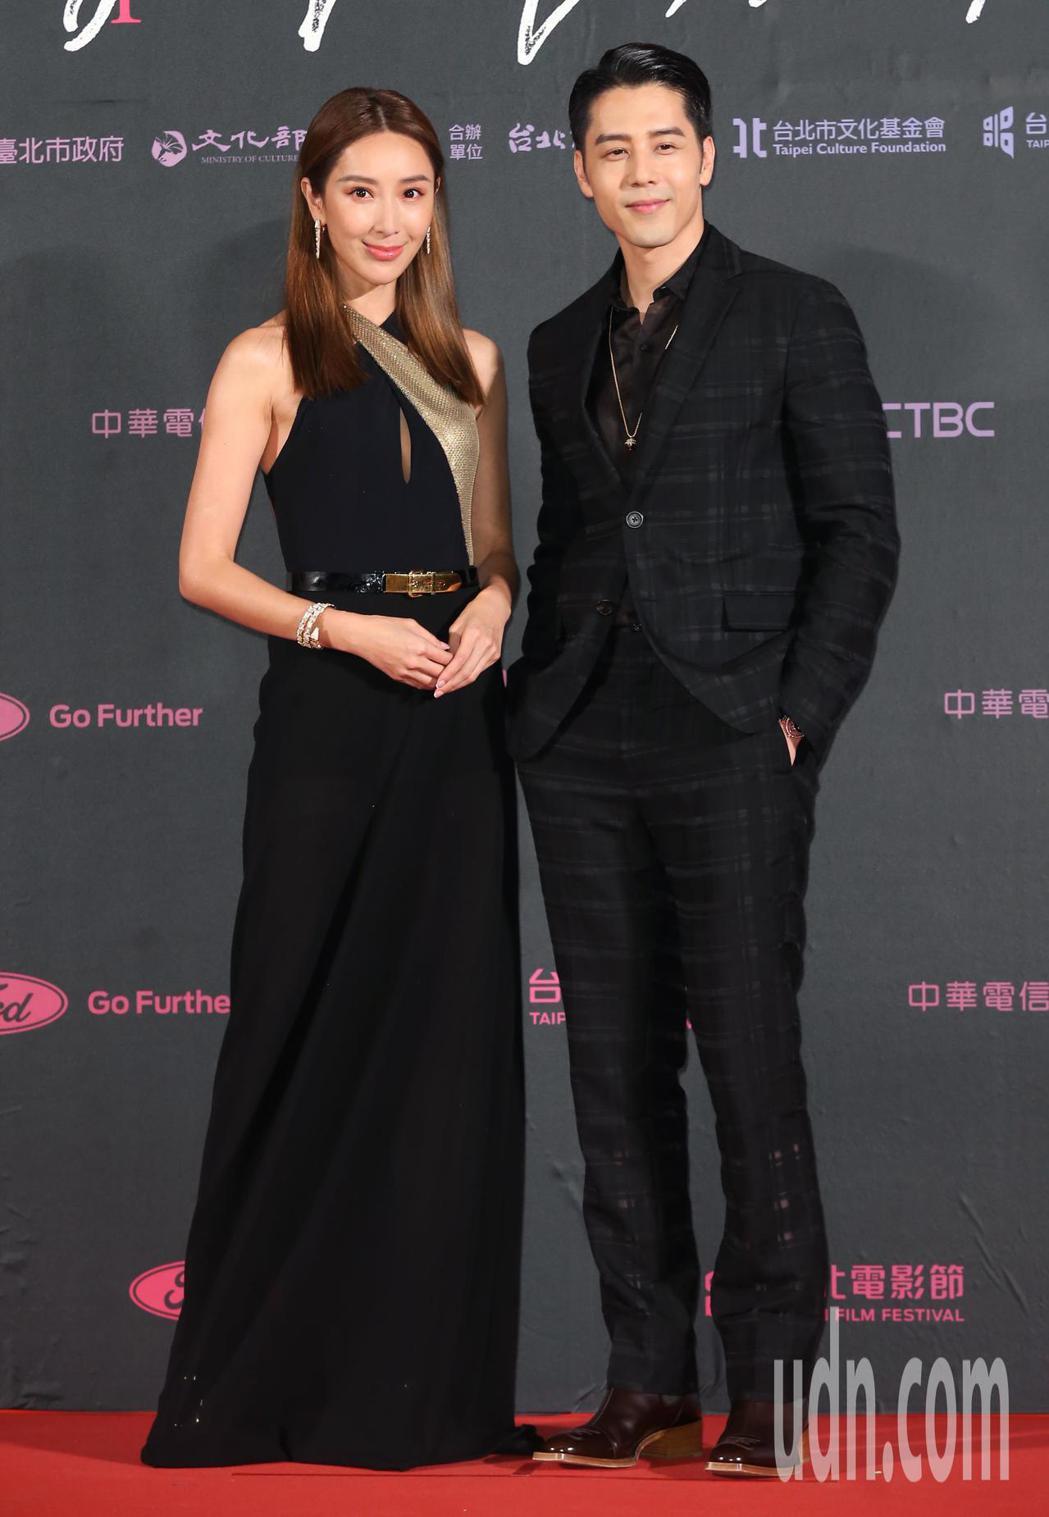 隋棠(左)與胡宇威(右)擔任2019台北電影節獎頒獎人。記者徐兆玄/攝影